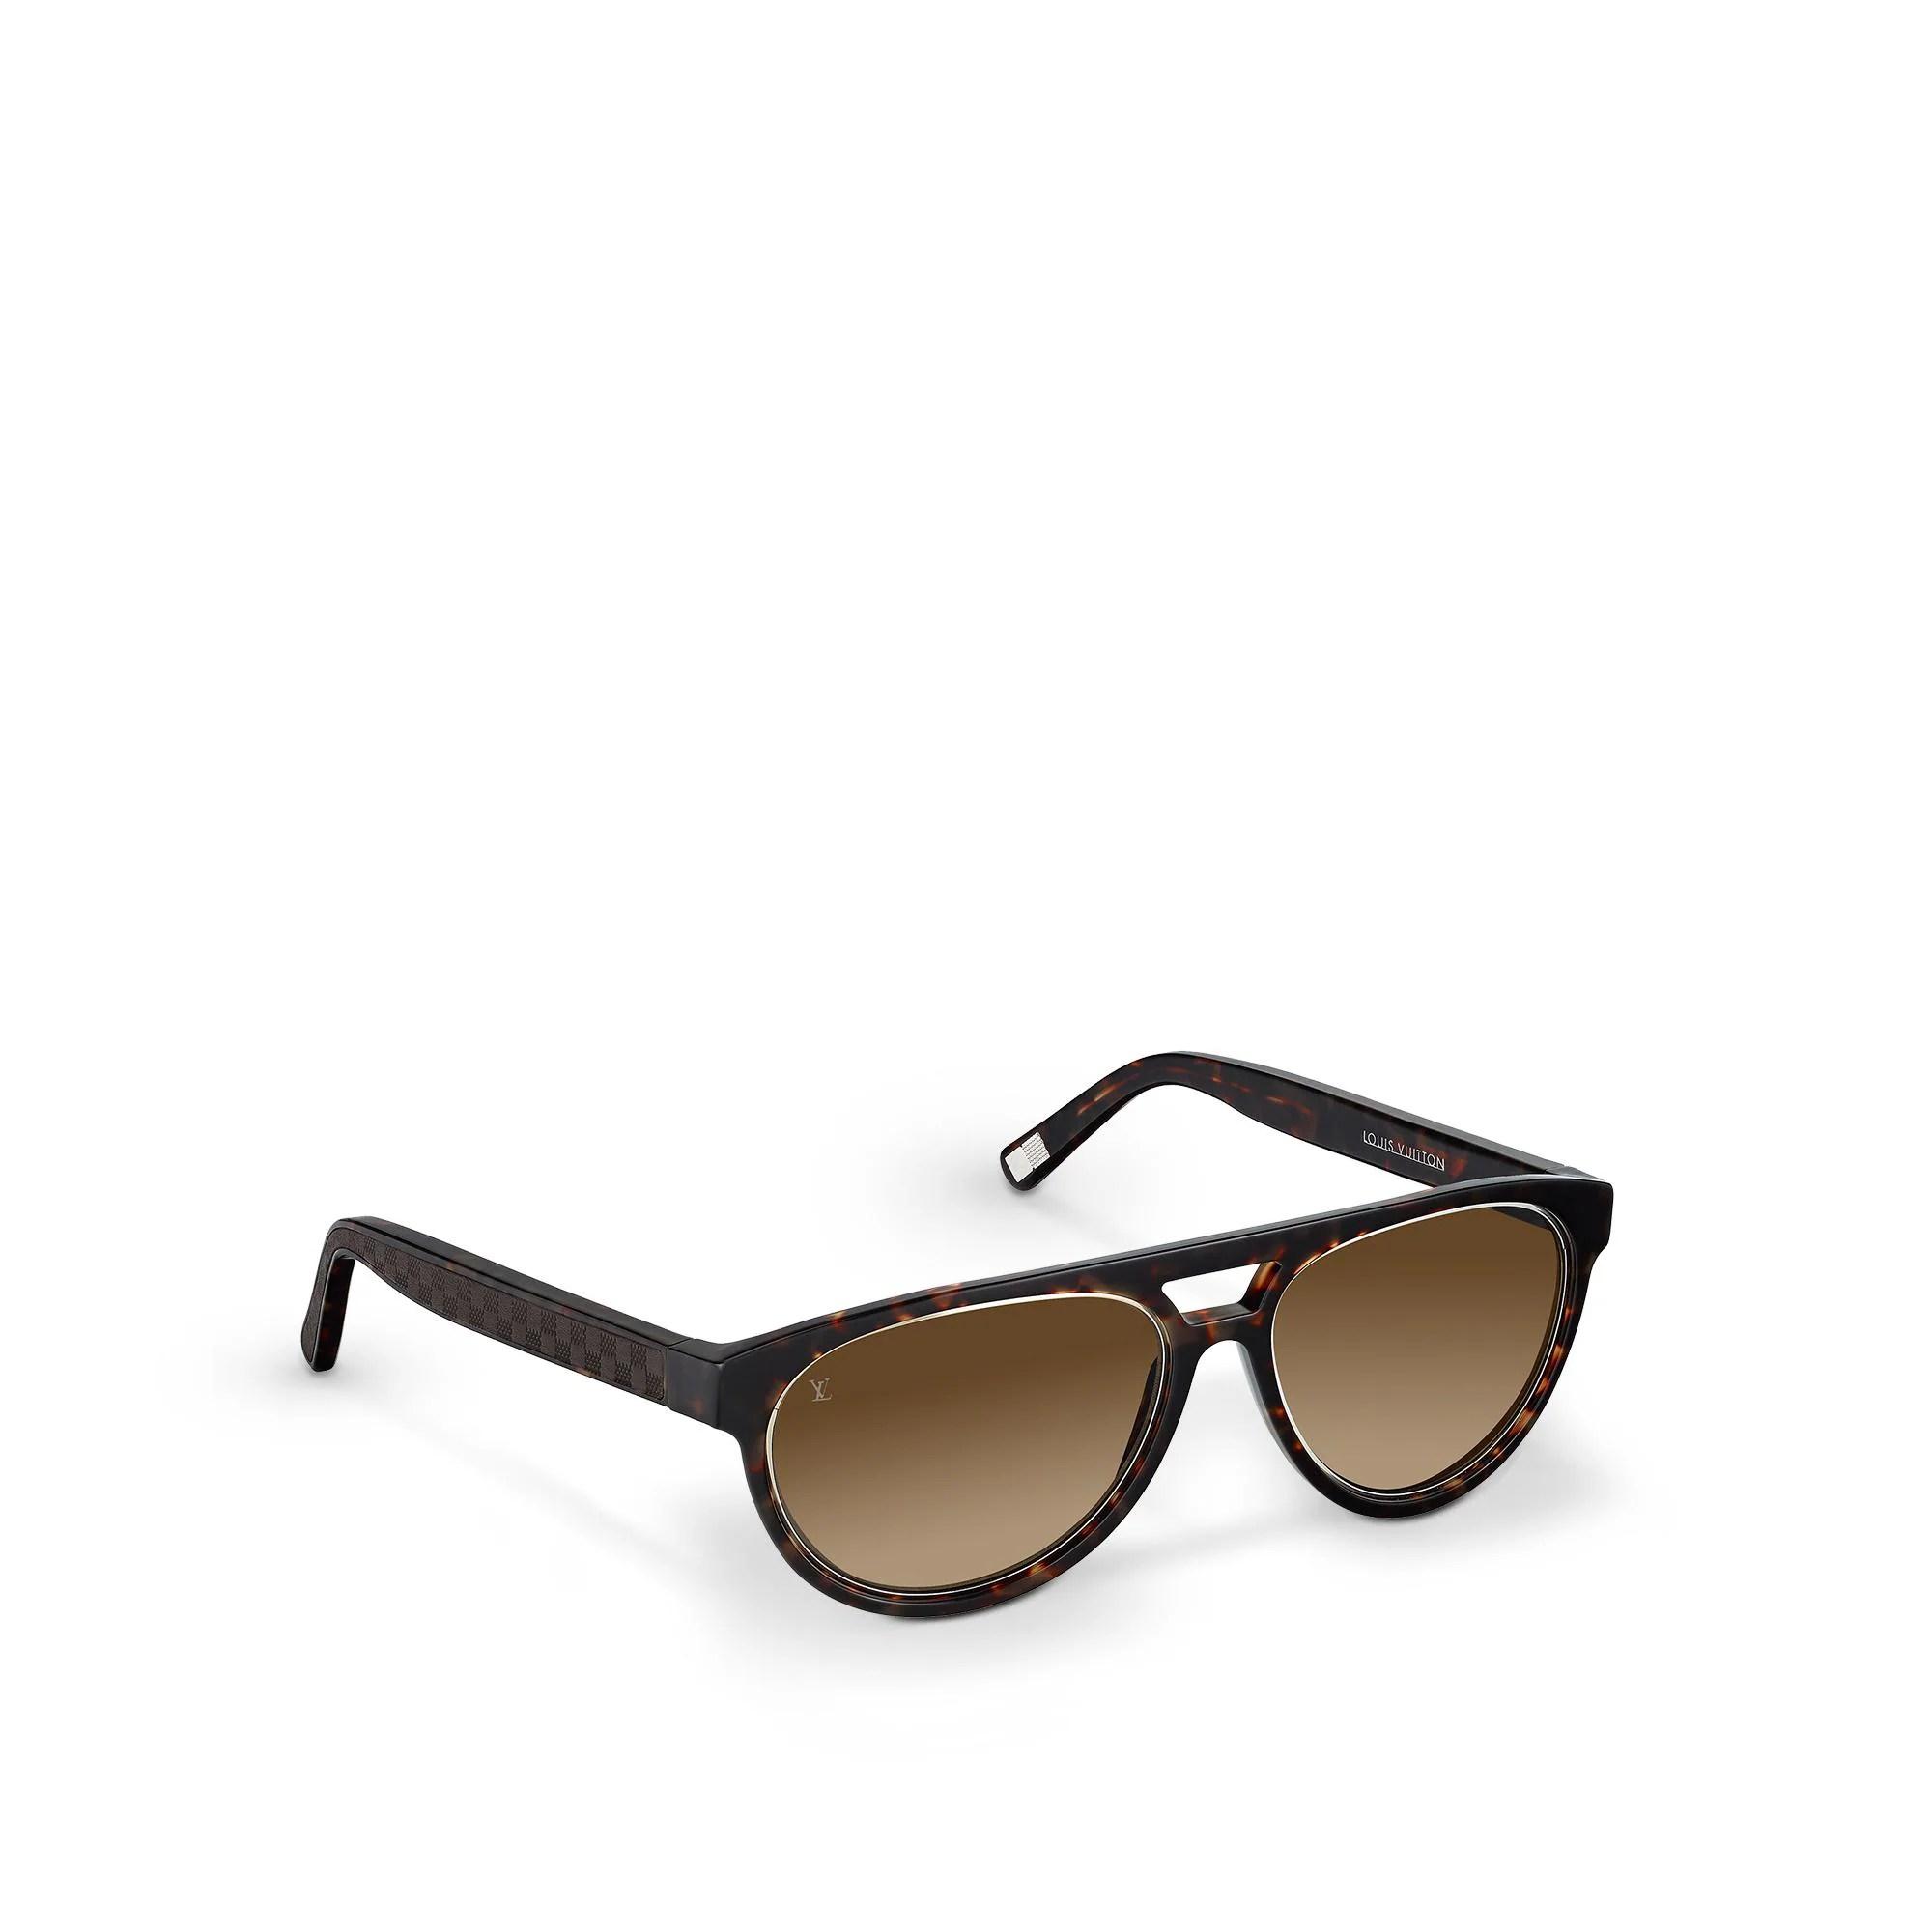 Louis Vuitton Mens Prescription Glasses